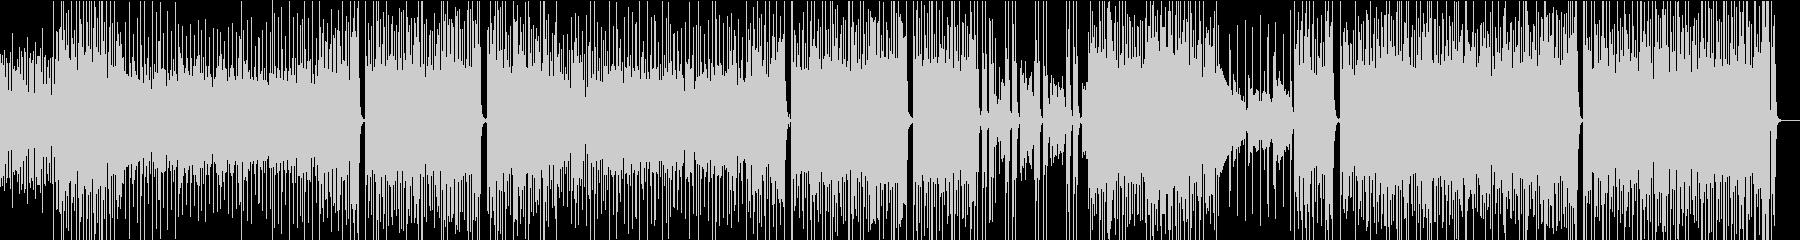 陽気なカリプソ/生音サックス&フルートの未再生の波形